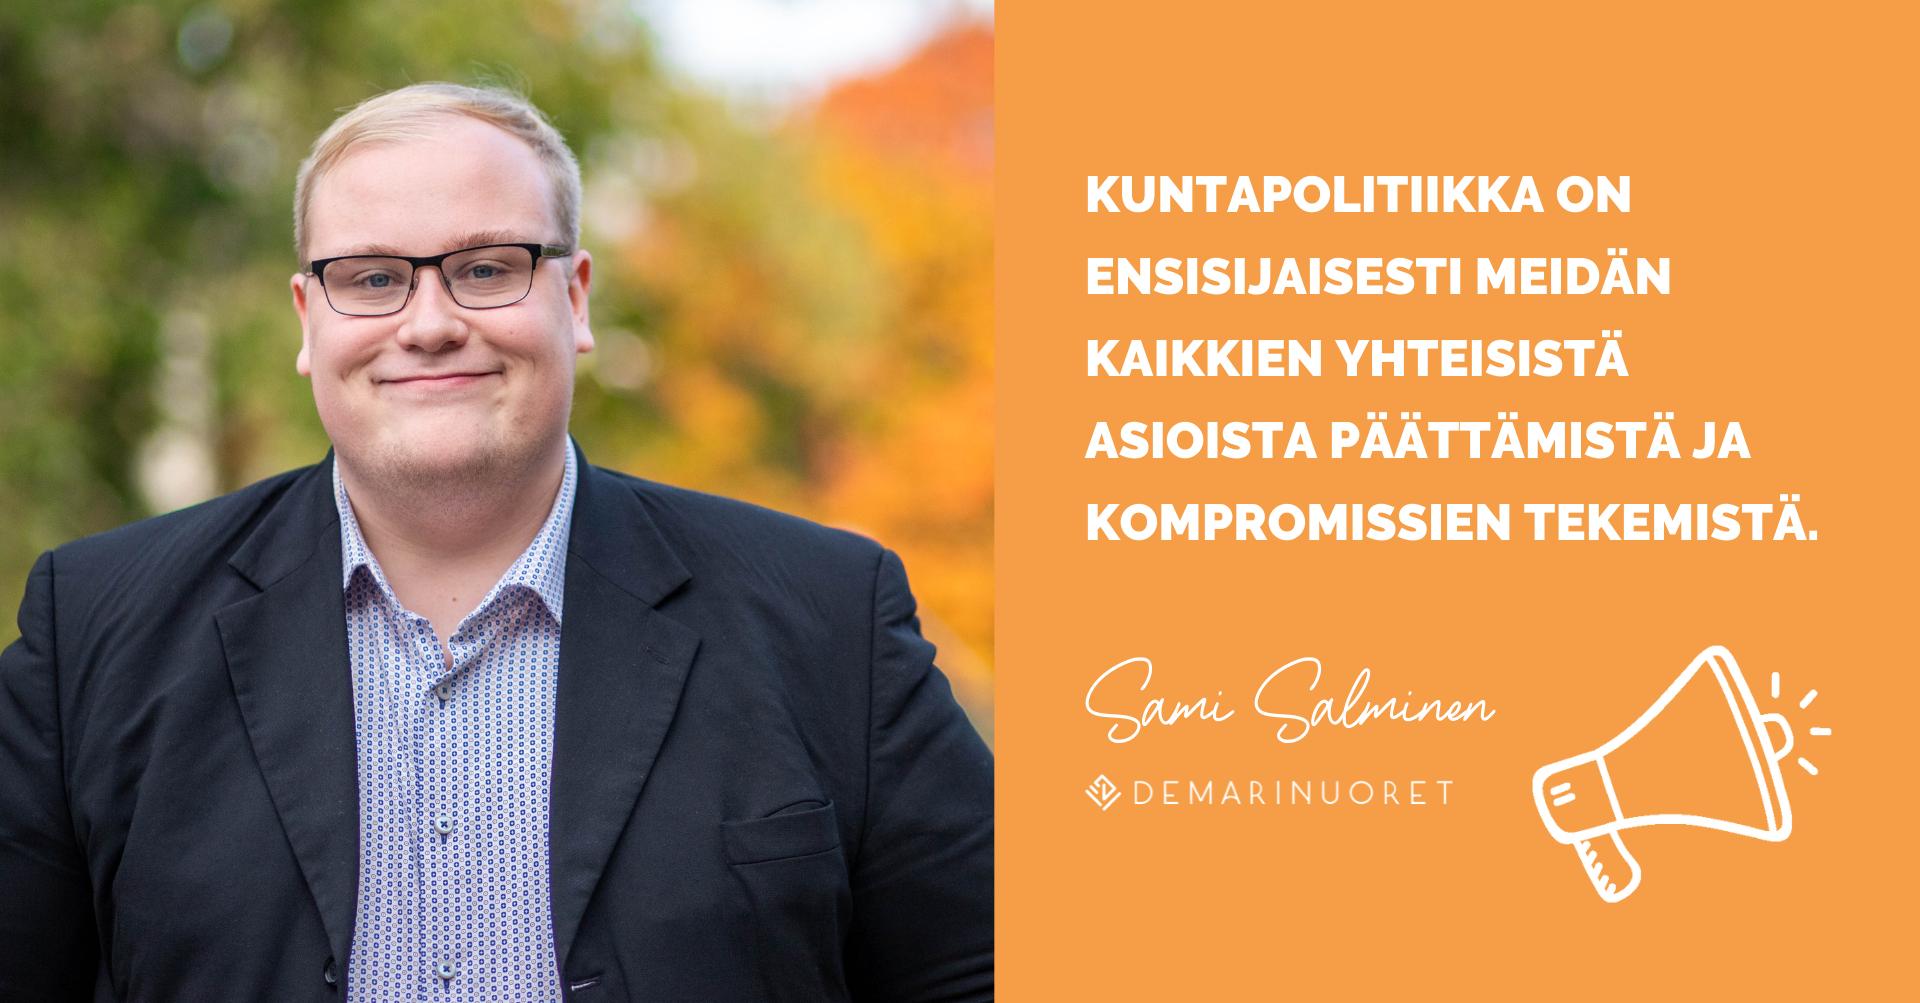 """Sami Salminen hymyilee kuvassa vasemmalla vehreiden puiden yllä ja hänen oikealla puolella lukee """"Kuntapolitiikka onkin ensisijaisesti meidän kaikkien yhteisistä asioista päättämistä ja kompromissien tekemistä."""""""